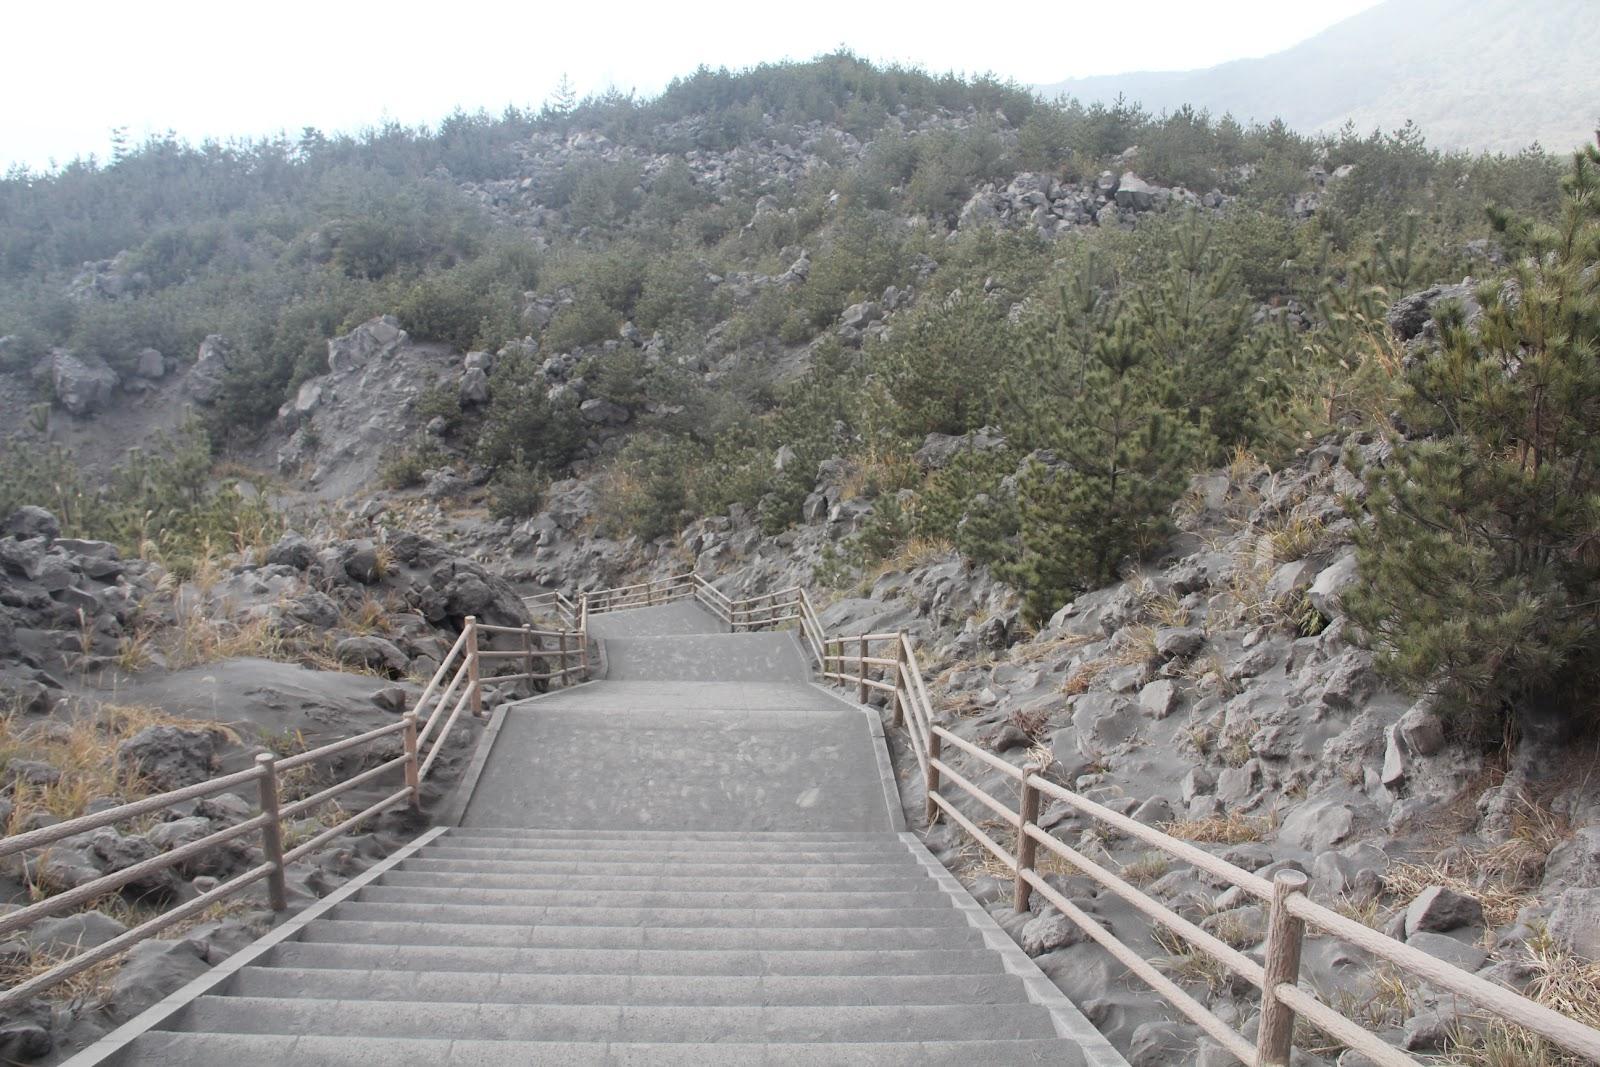 Kagoshima Japan  city pictures gallery : The Japan Travel Digest: Sakurajima Volcanic Island, Kagoshima, Japan